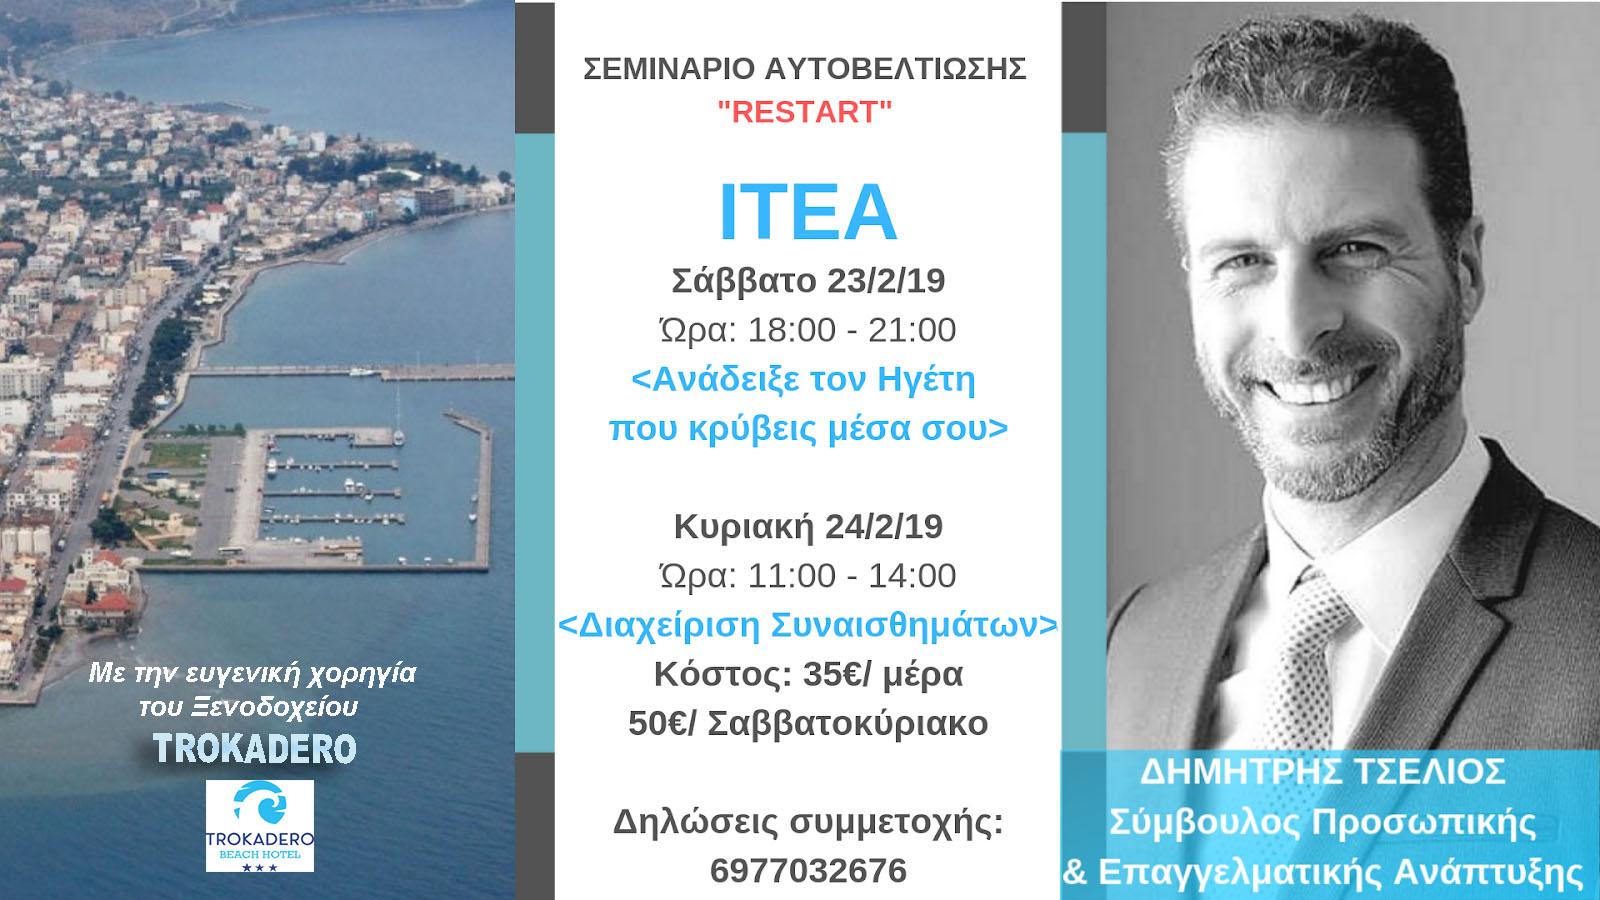 """""""Η Ιτέα θα κάνει restart από τον life coach Δημήτρη Τσέλιο""""…"""